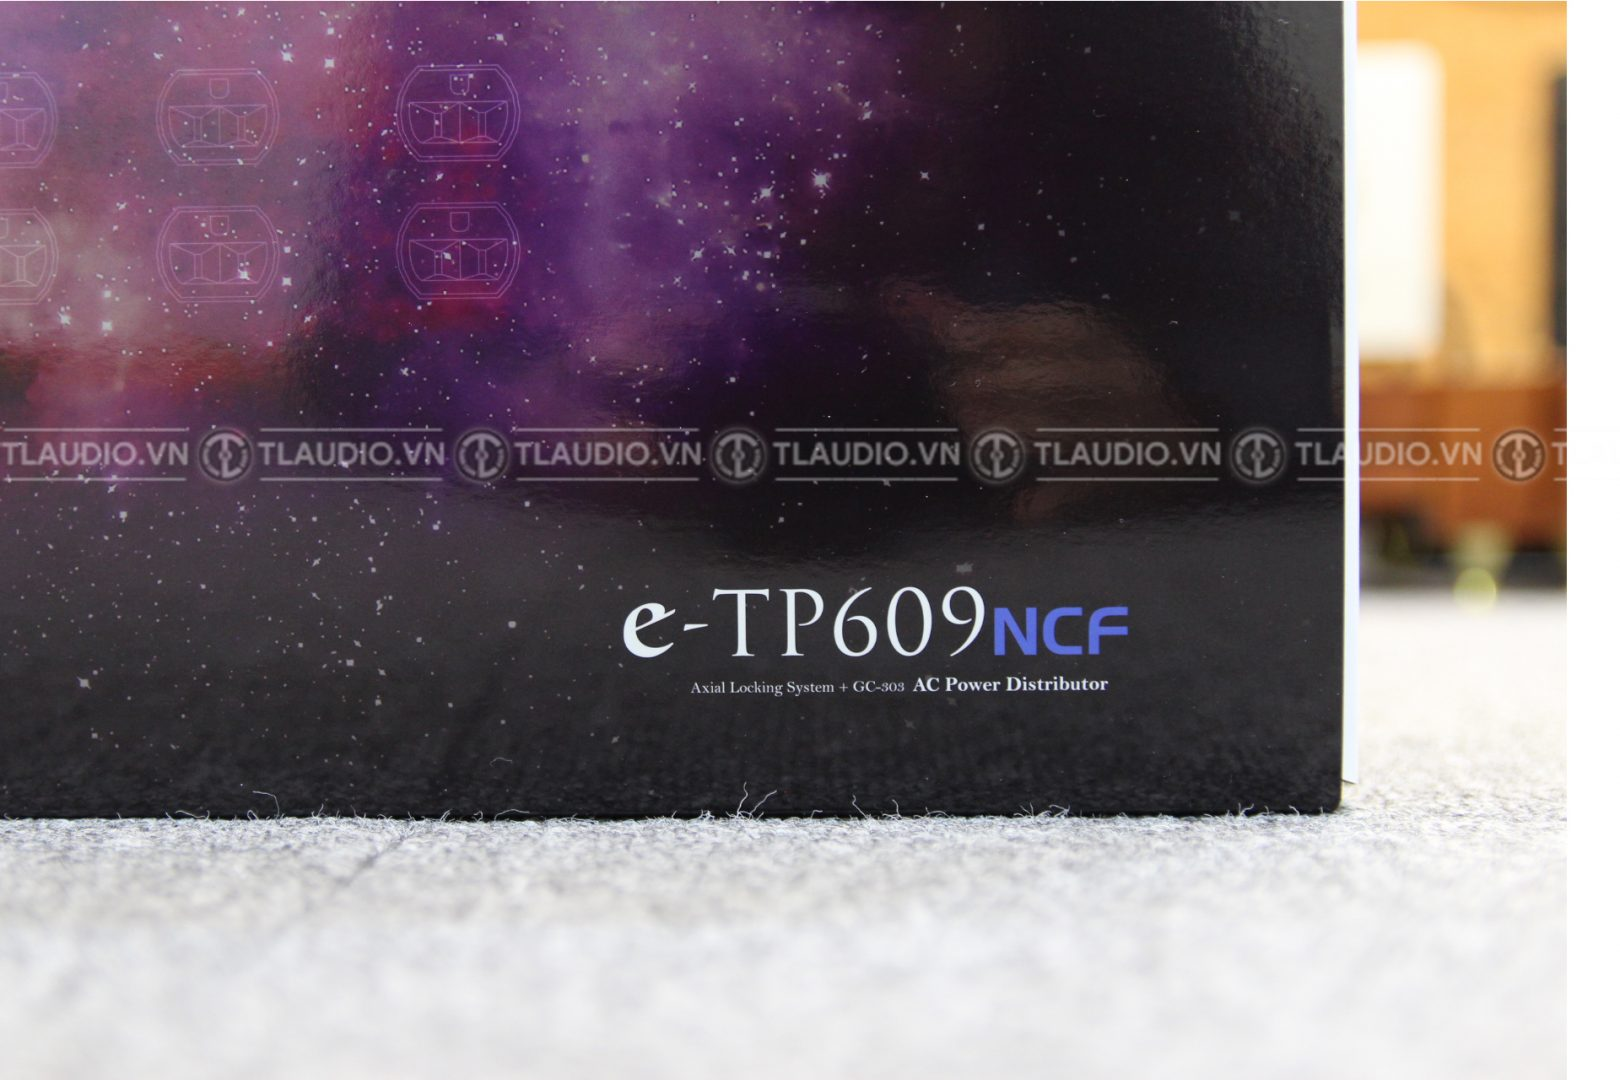 furutech e-tp609 ncf giá rẻ nhất hà nội